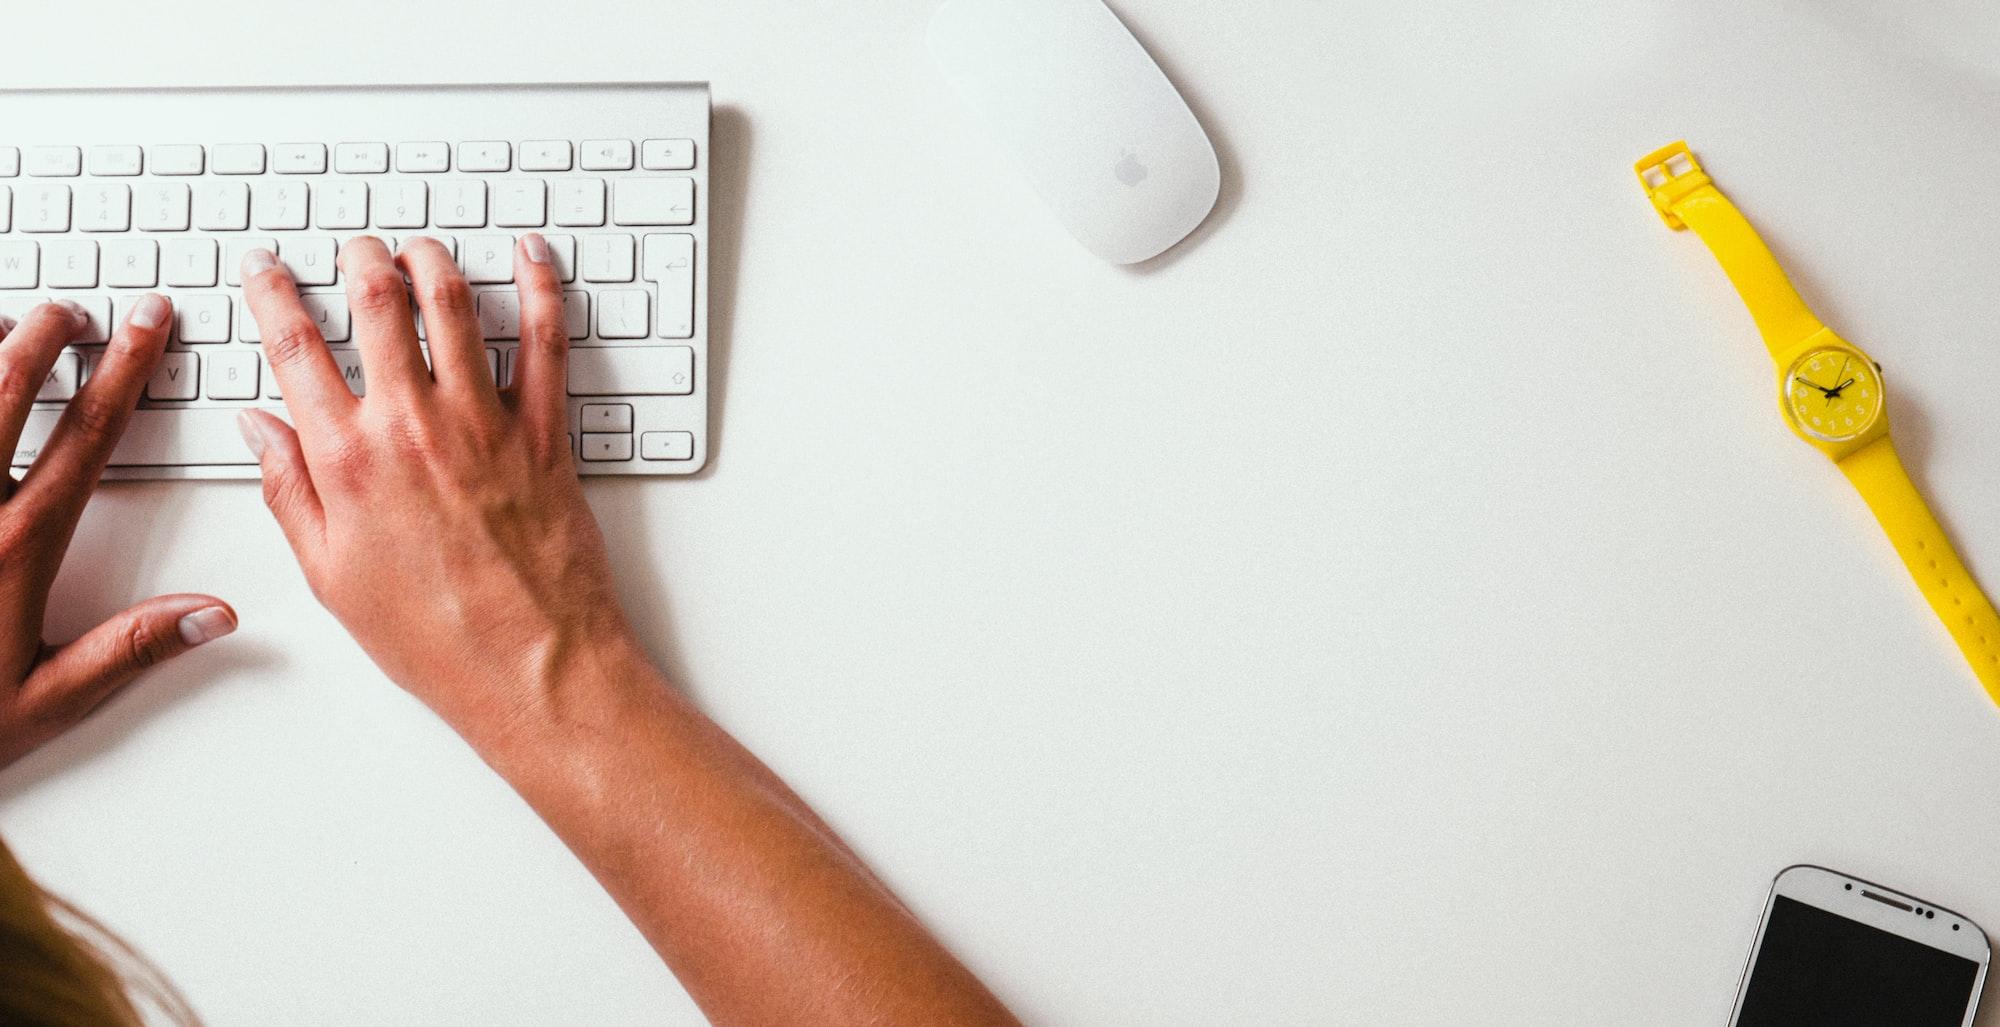 Las mejores fuentes de créditos urgentes en línea las tiene askRobin